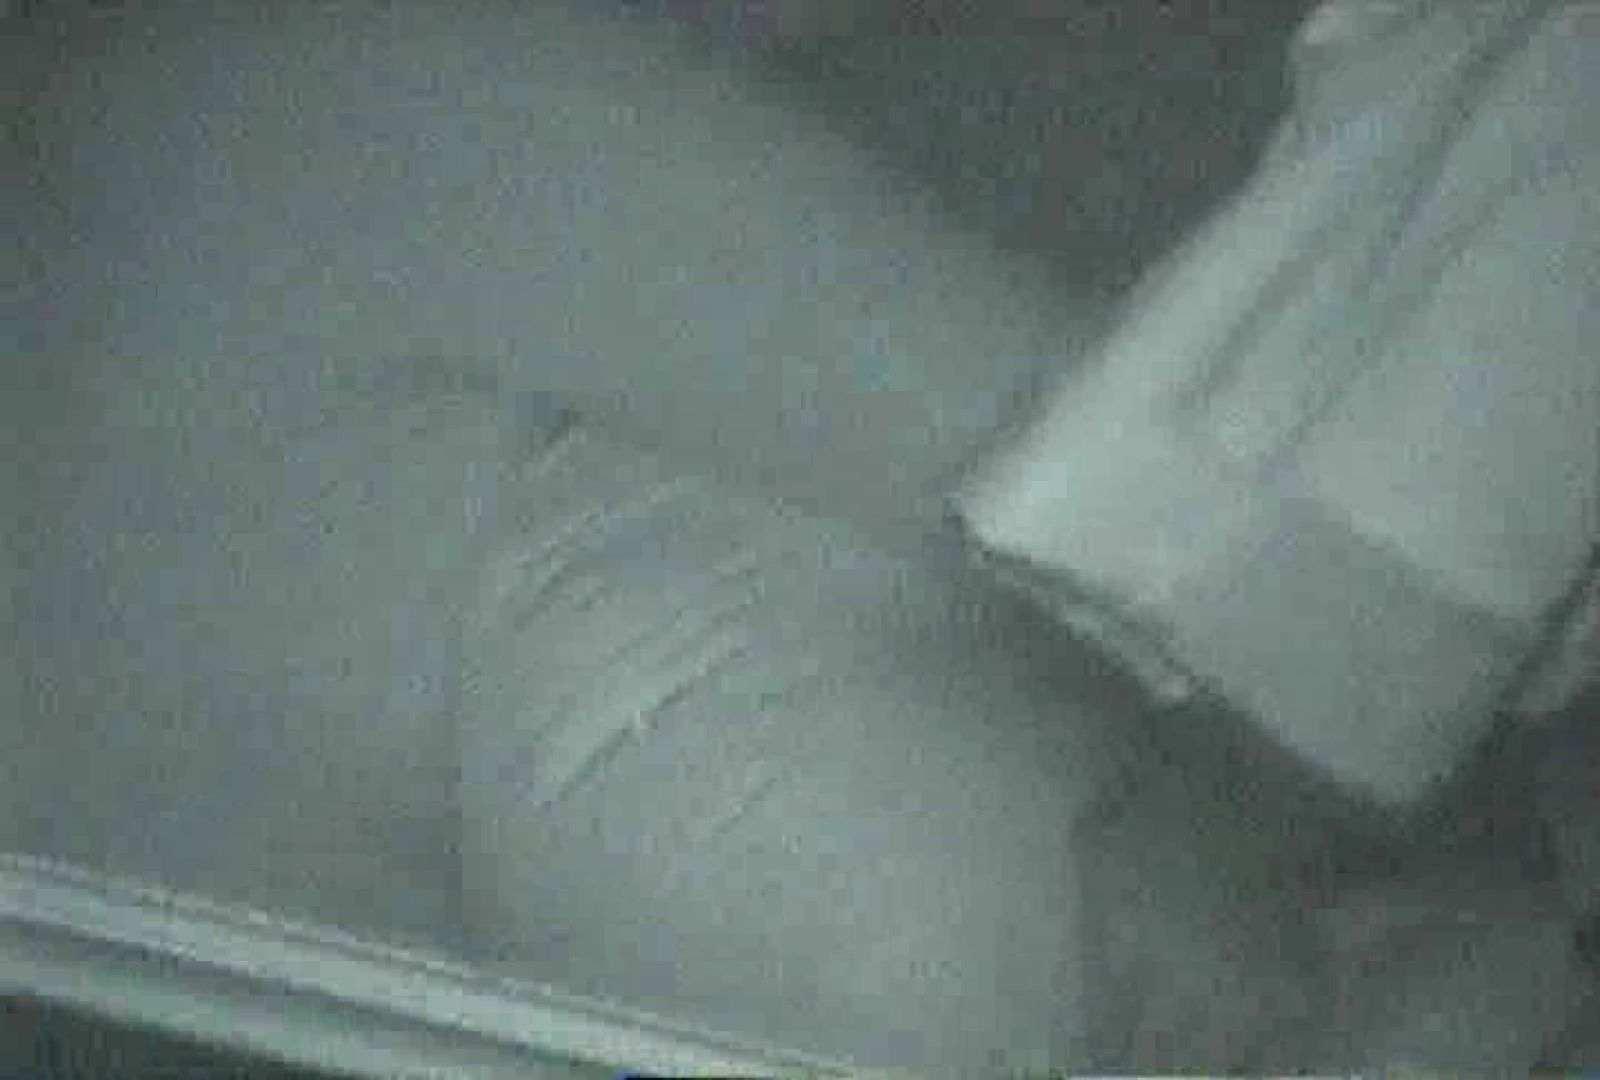 充血監督の深夜の運動会Vol.57 ギャルの実態 のぞき動画画像 73pic 6